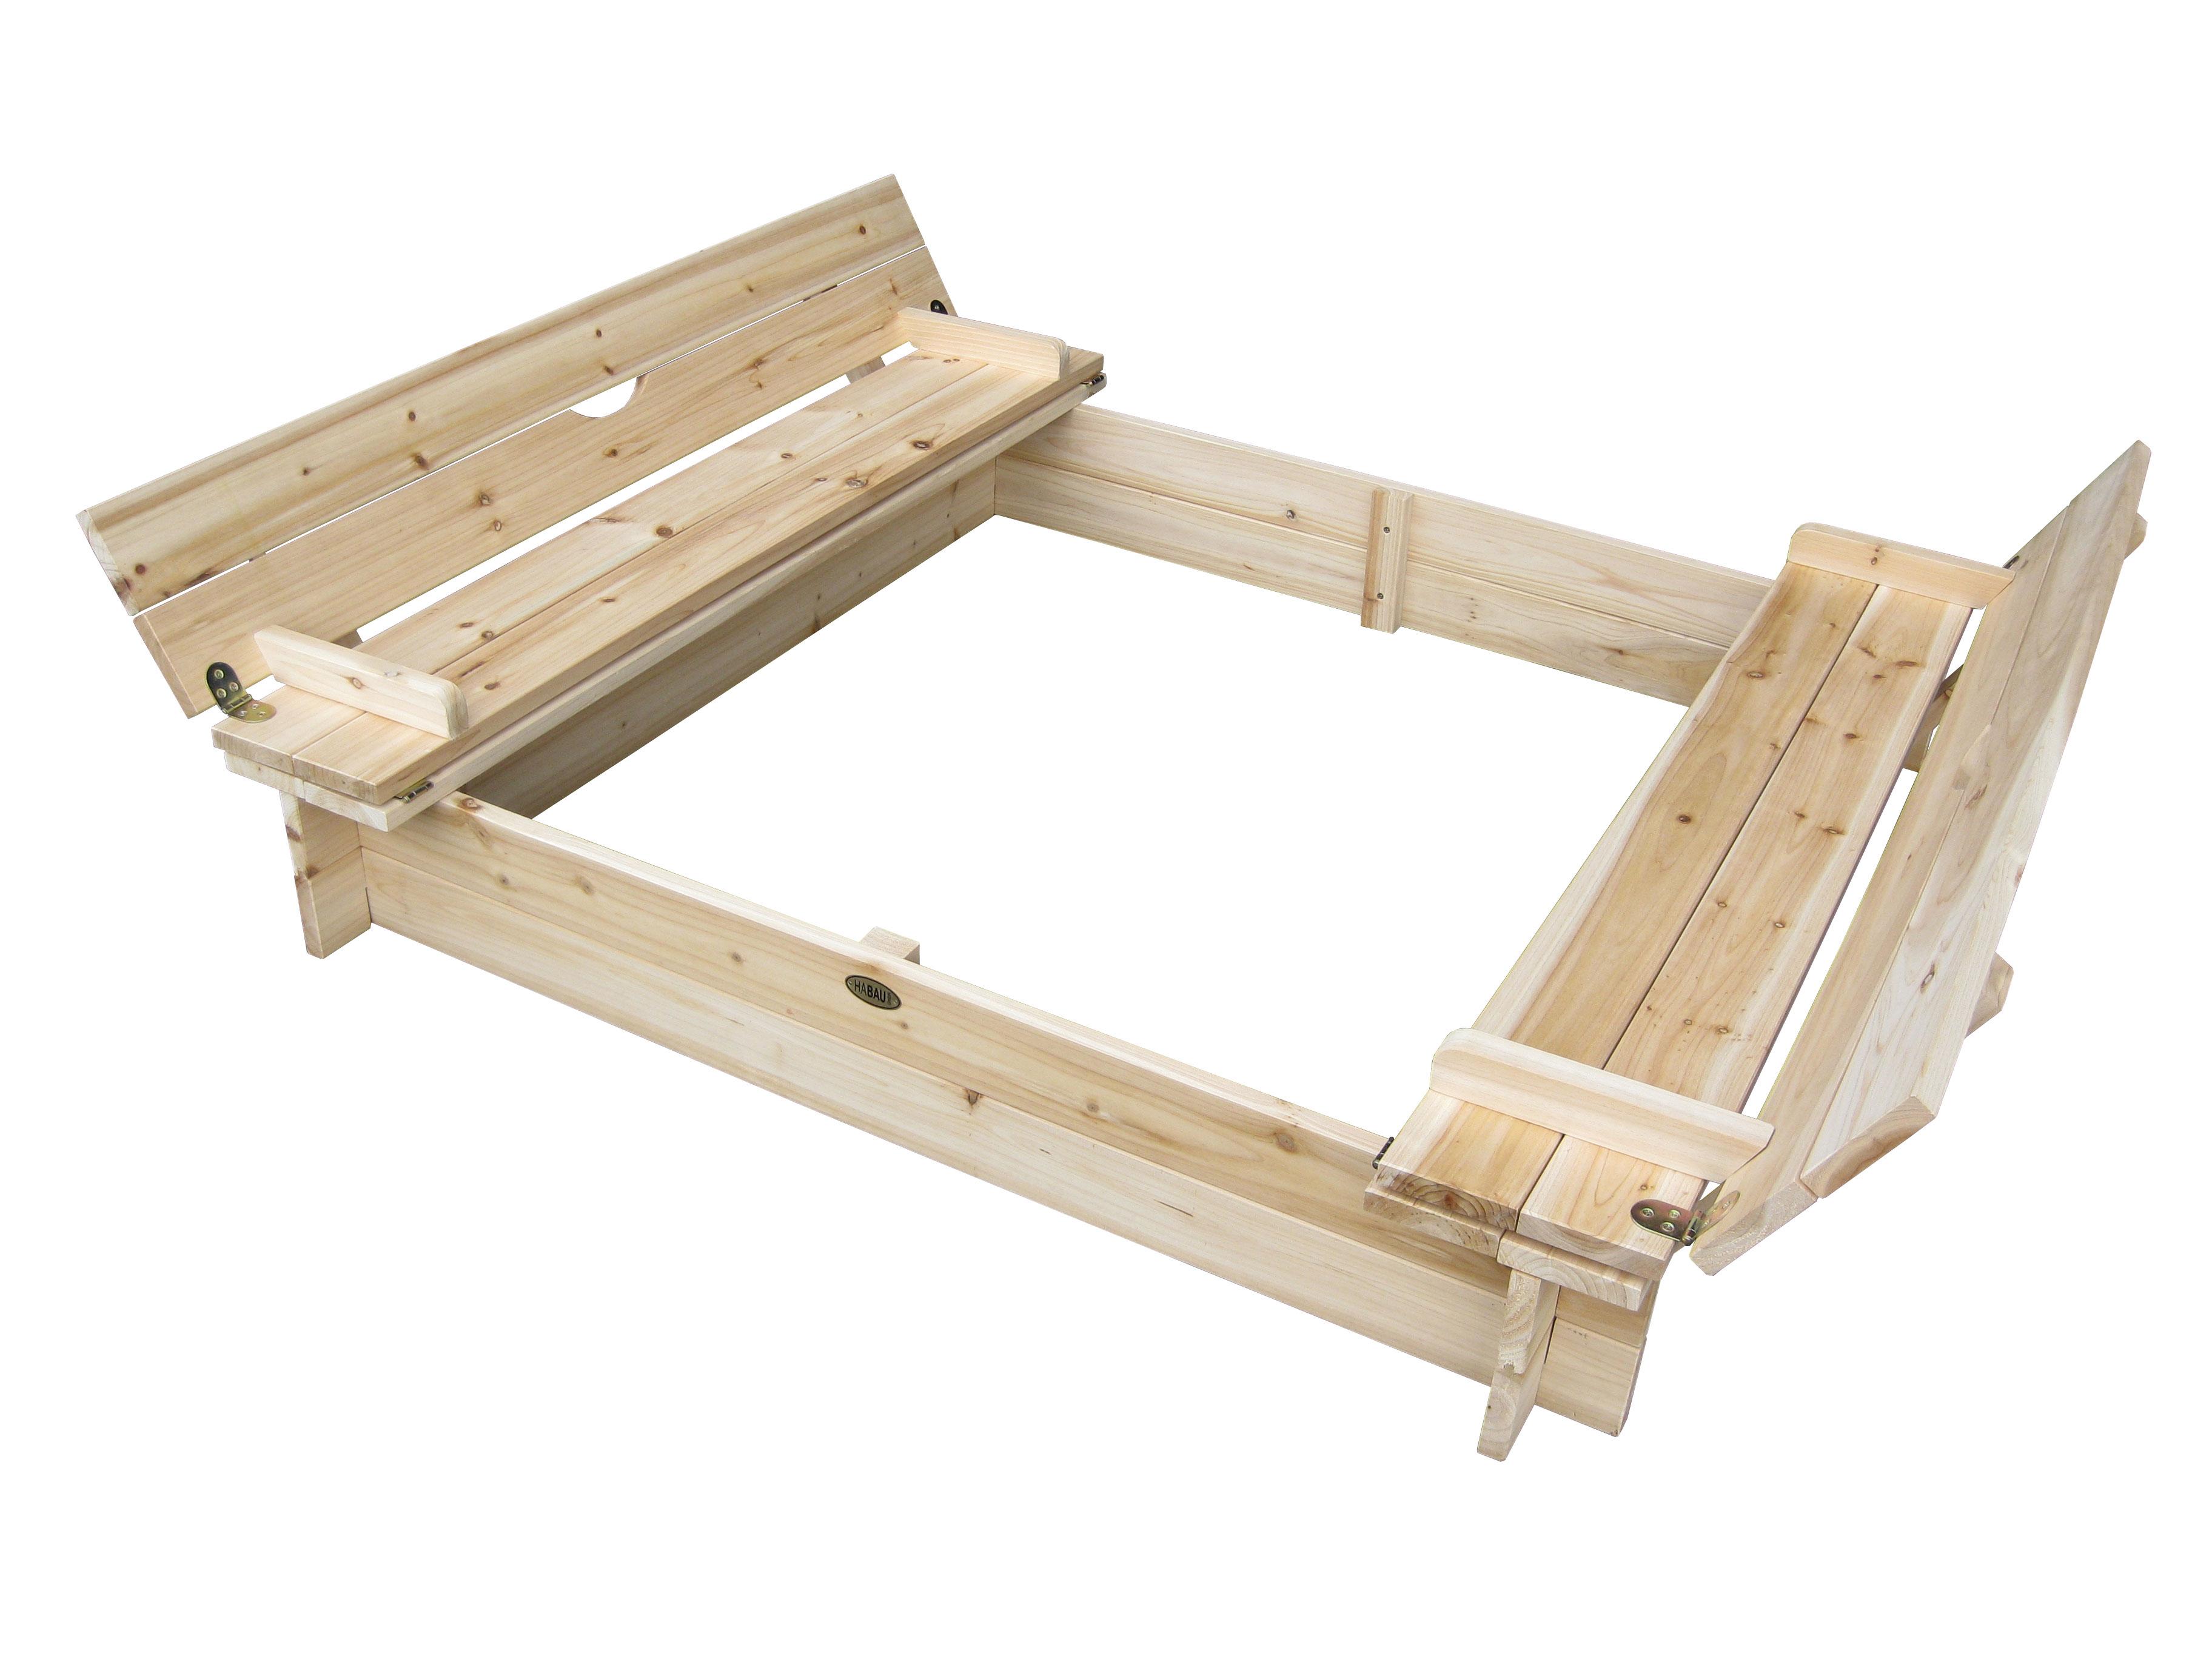 sandkasten mit deckel bank ca 120 x 120 x 20 cm bei. Black Bedroom Furniture Sets. Home Design Ideas